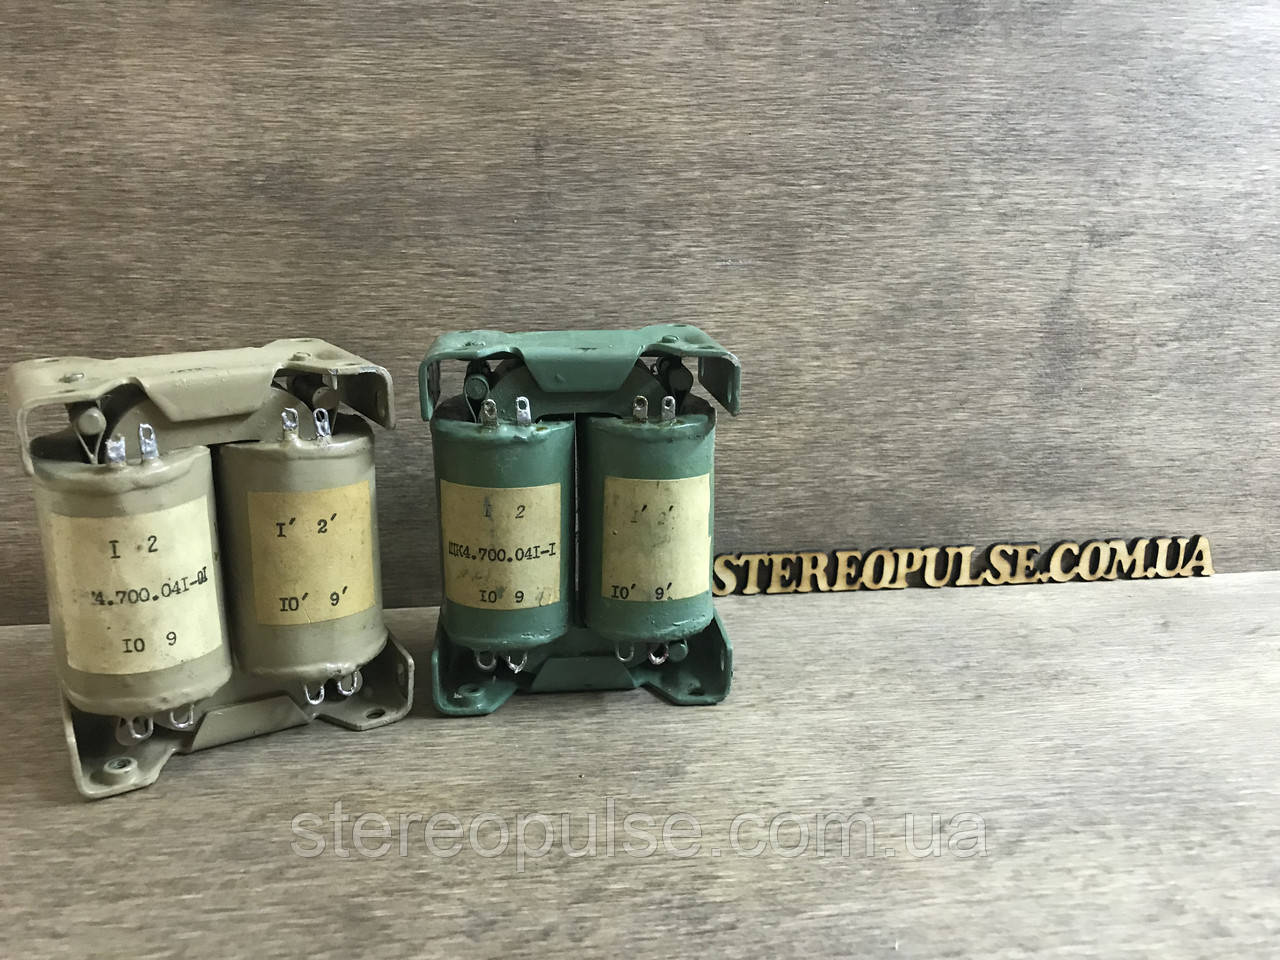 Трансформатор  ШК4.700.041-1